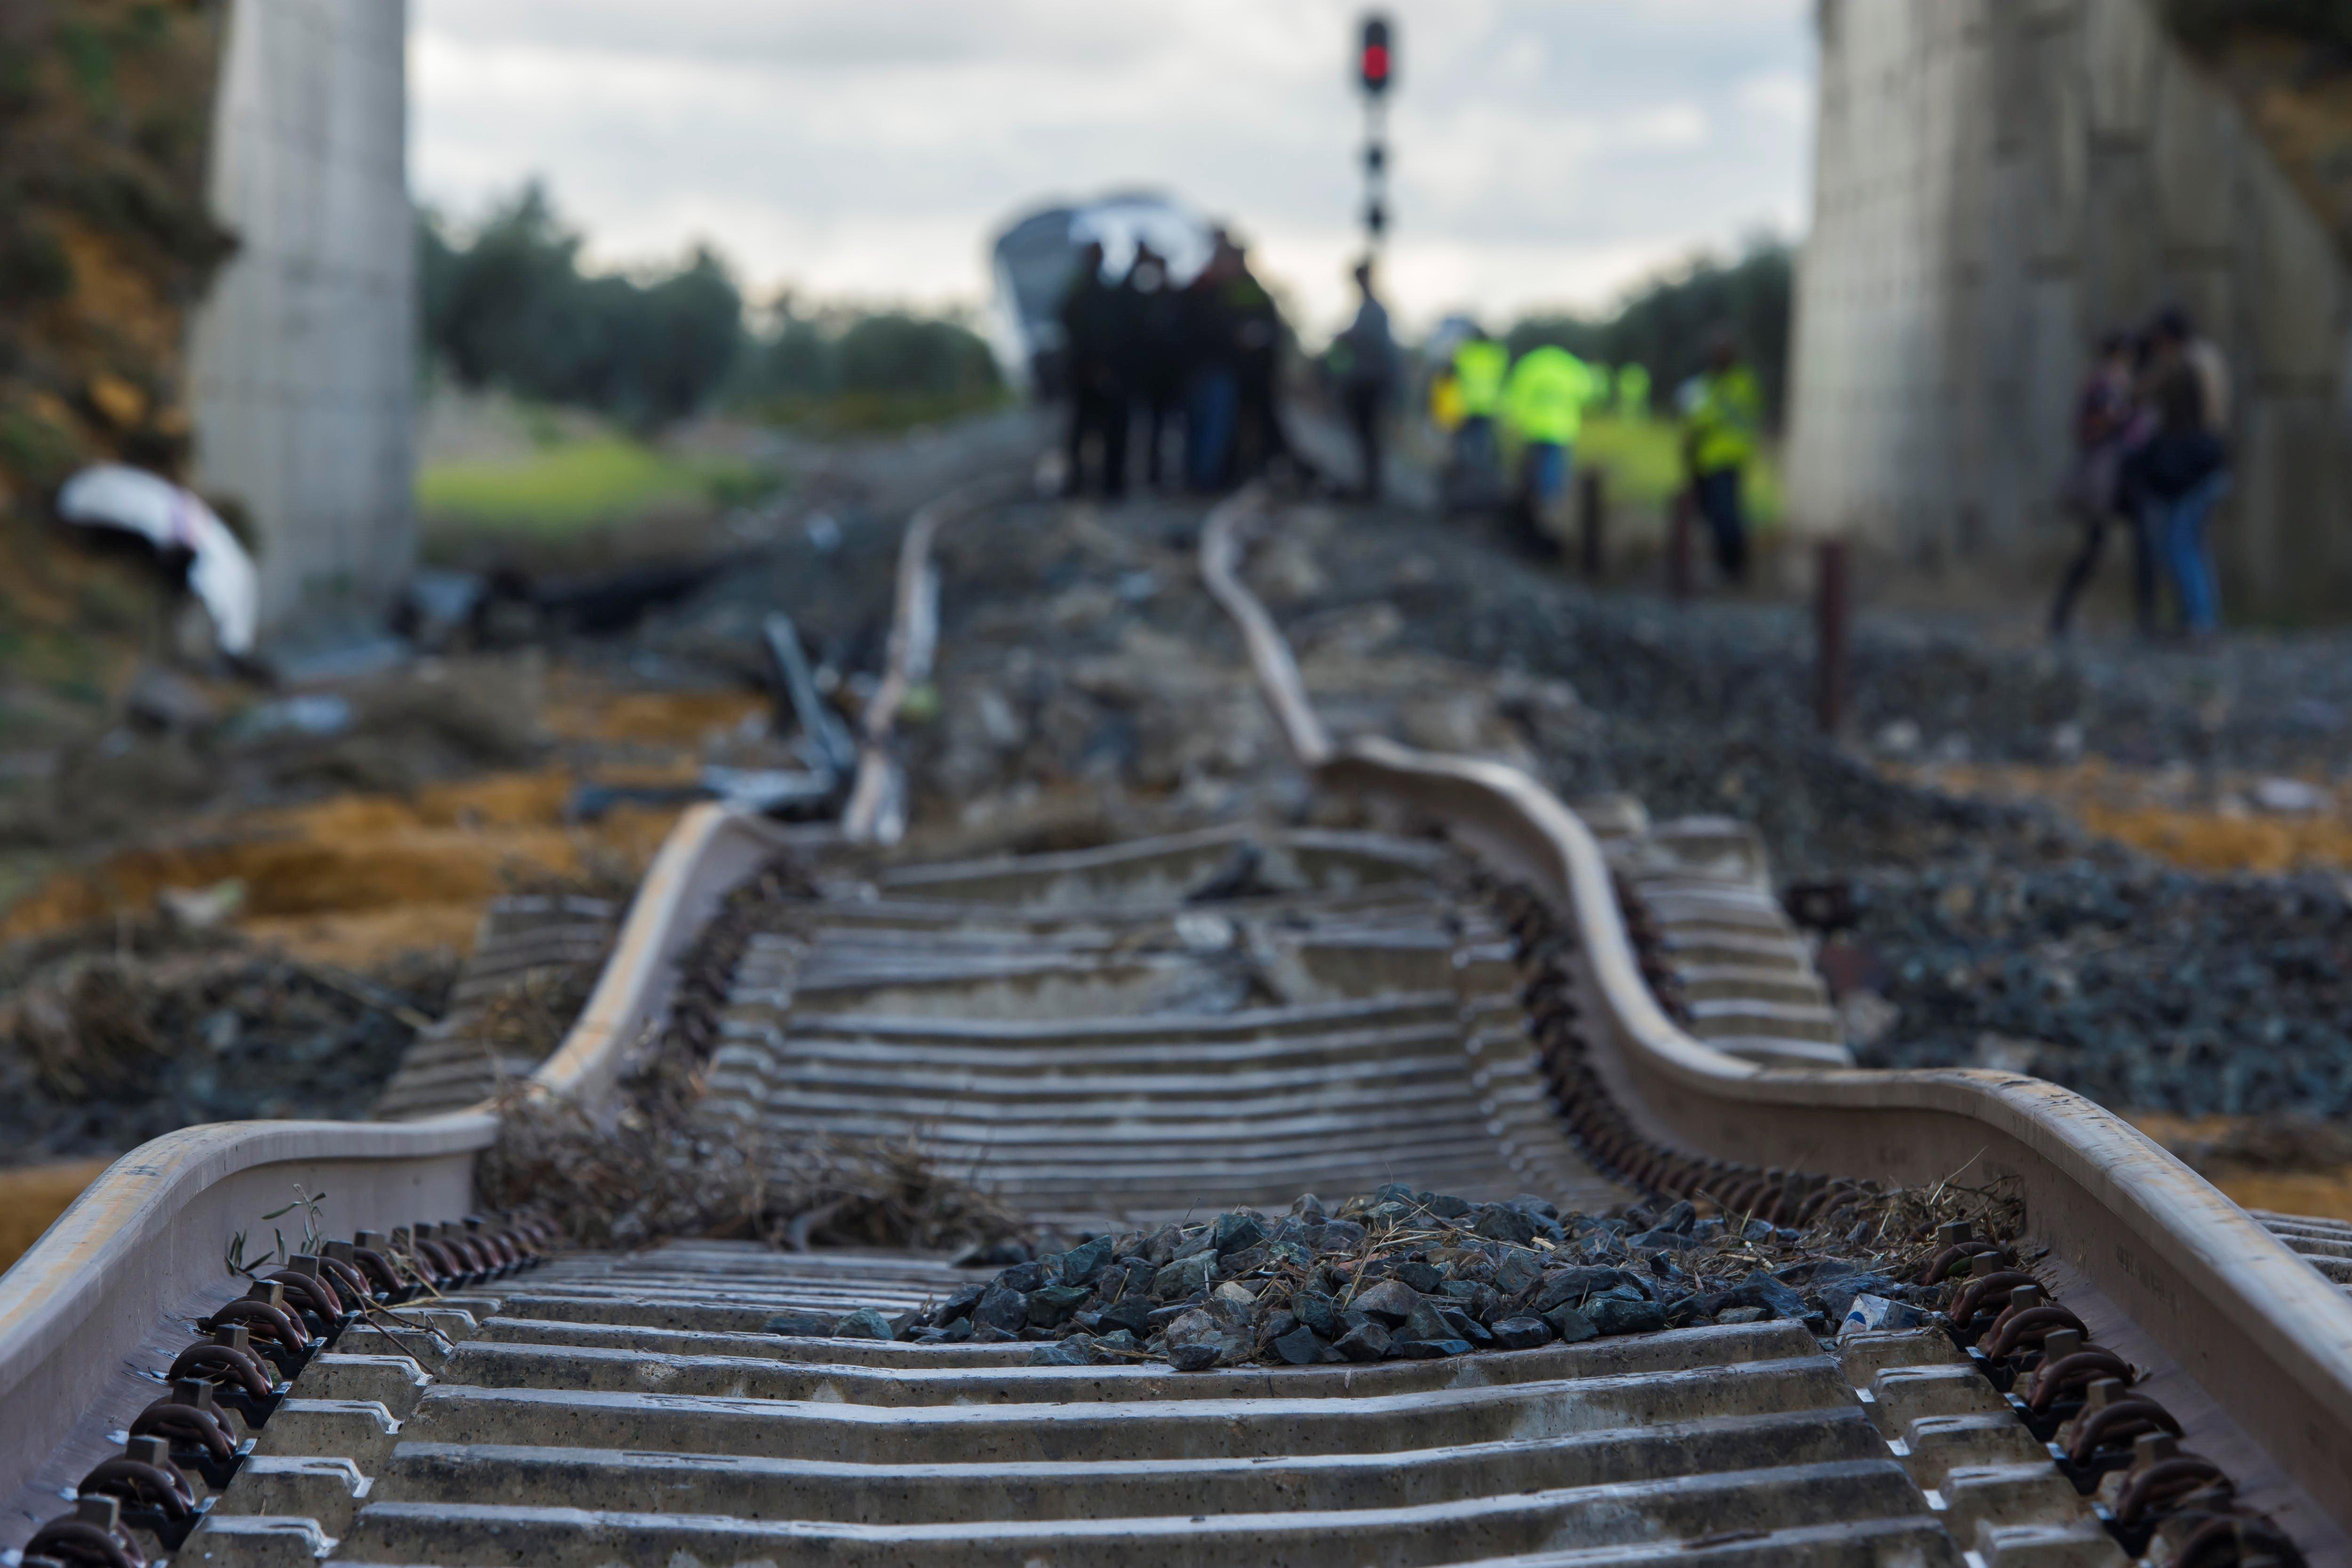 37 ferits, dos dels quals greus, en el descarrilament d'un tren que viatjava de Màlaga a Sevilla. /RAÚL CARO